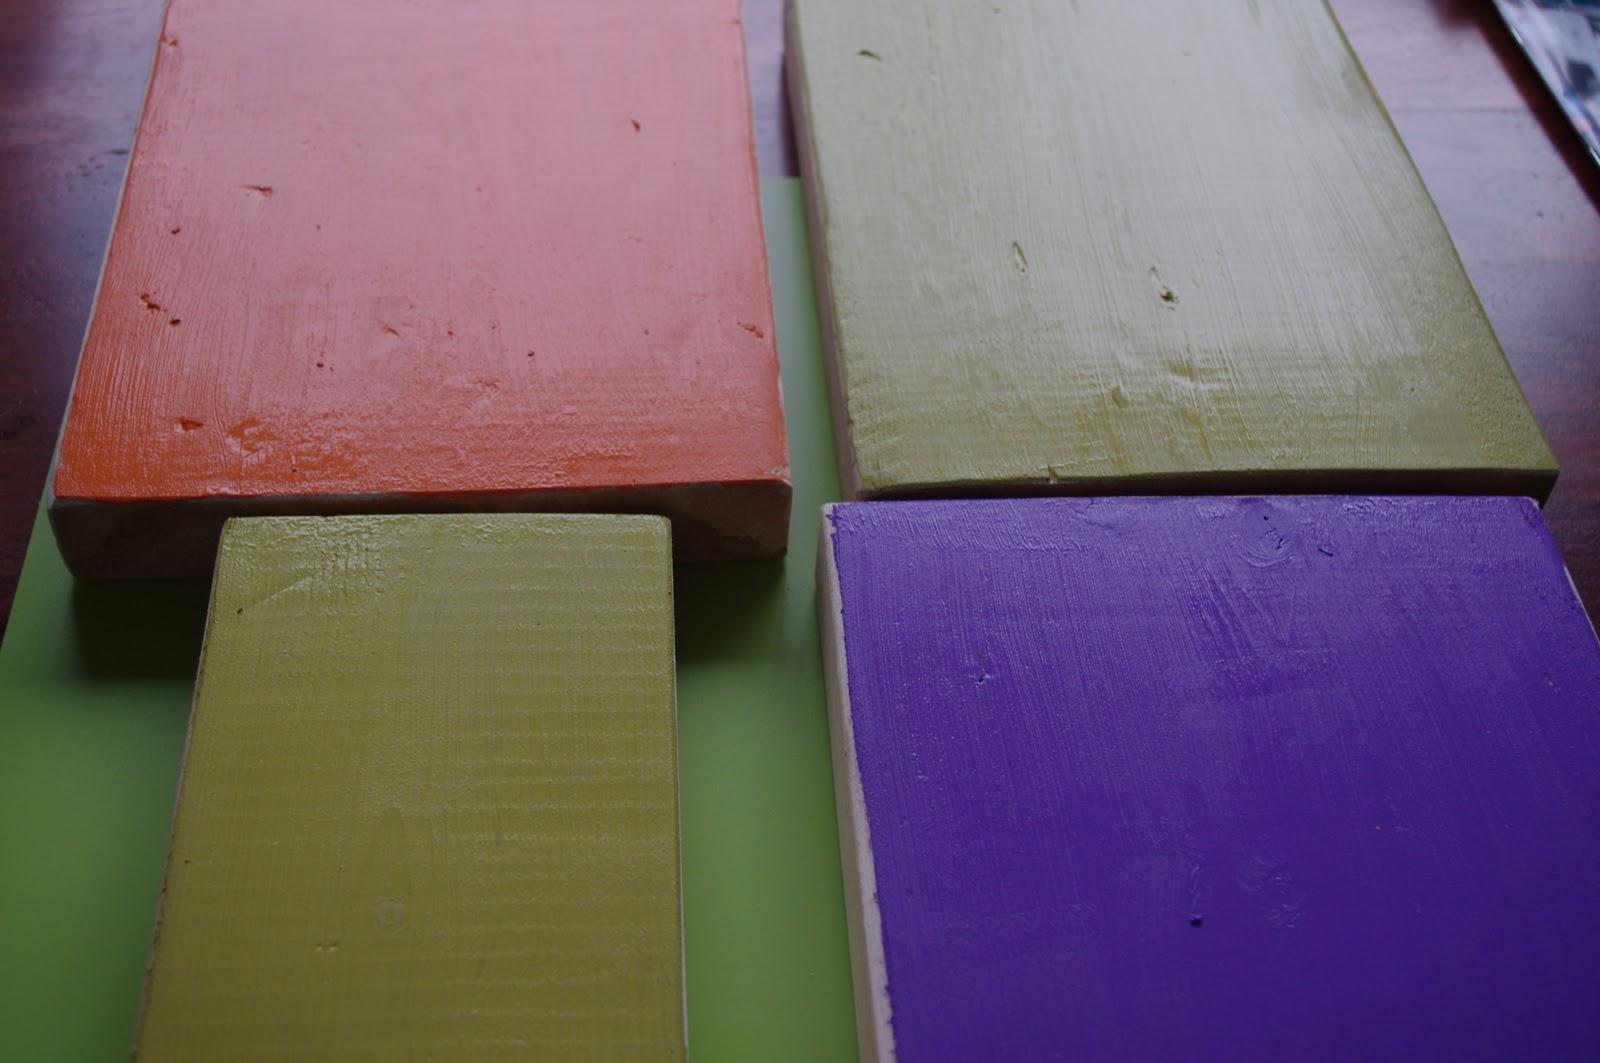 Next, I painted the blocks. I used orange, lavender (purple) and pear ...